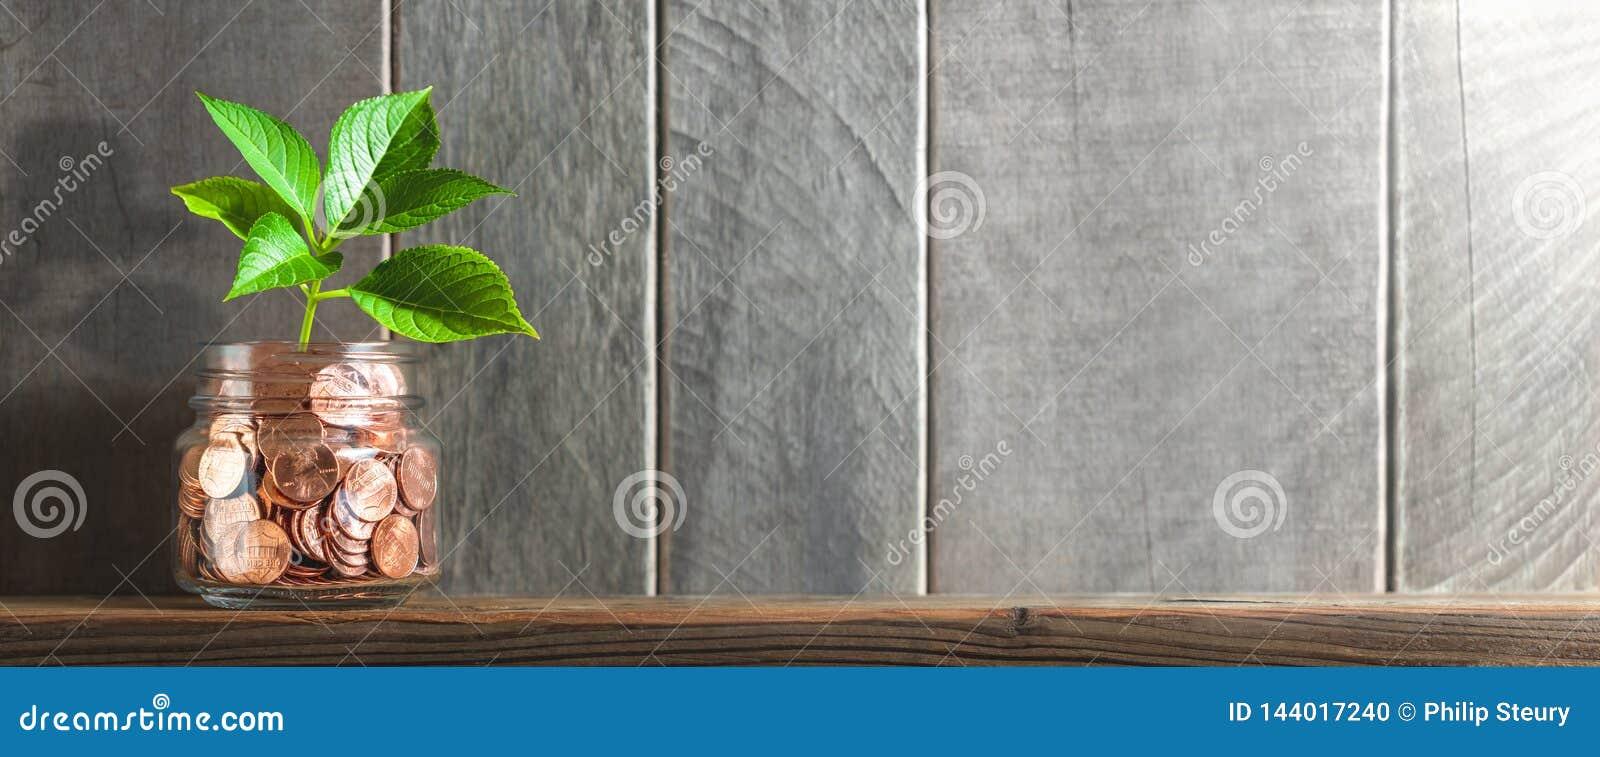 Plantula che cresce dal barattolo della moneta sullo scaffale con fondo e luce solare di legno - crescita finanziaria/che investe